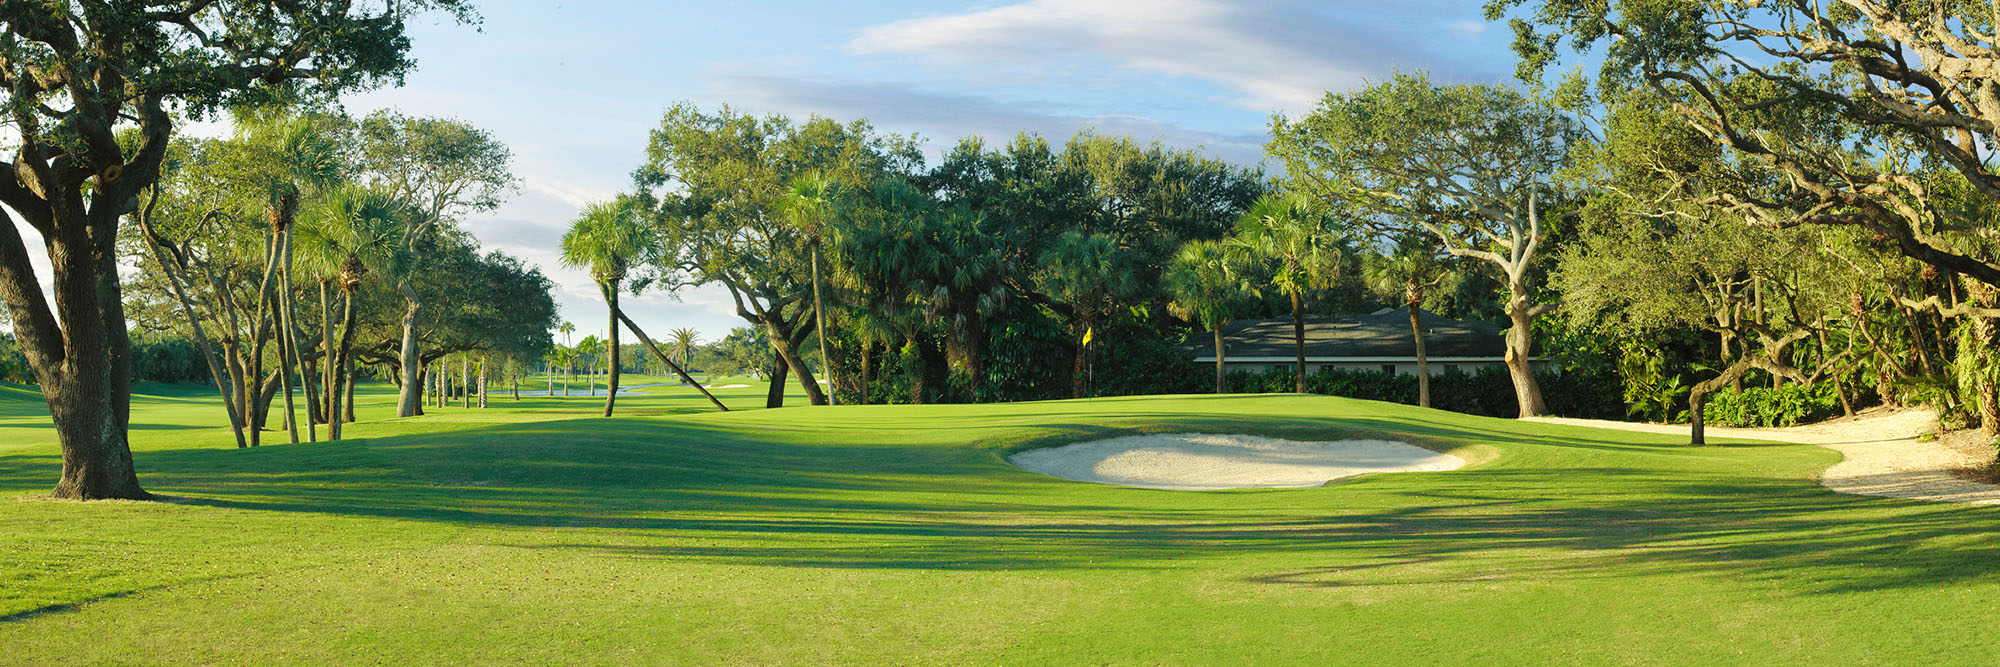 Golf Course Image - Riomar No. 16